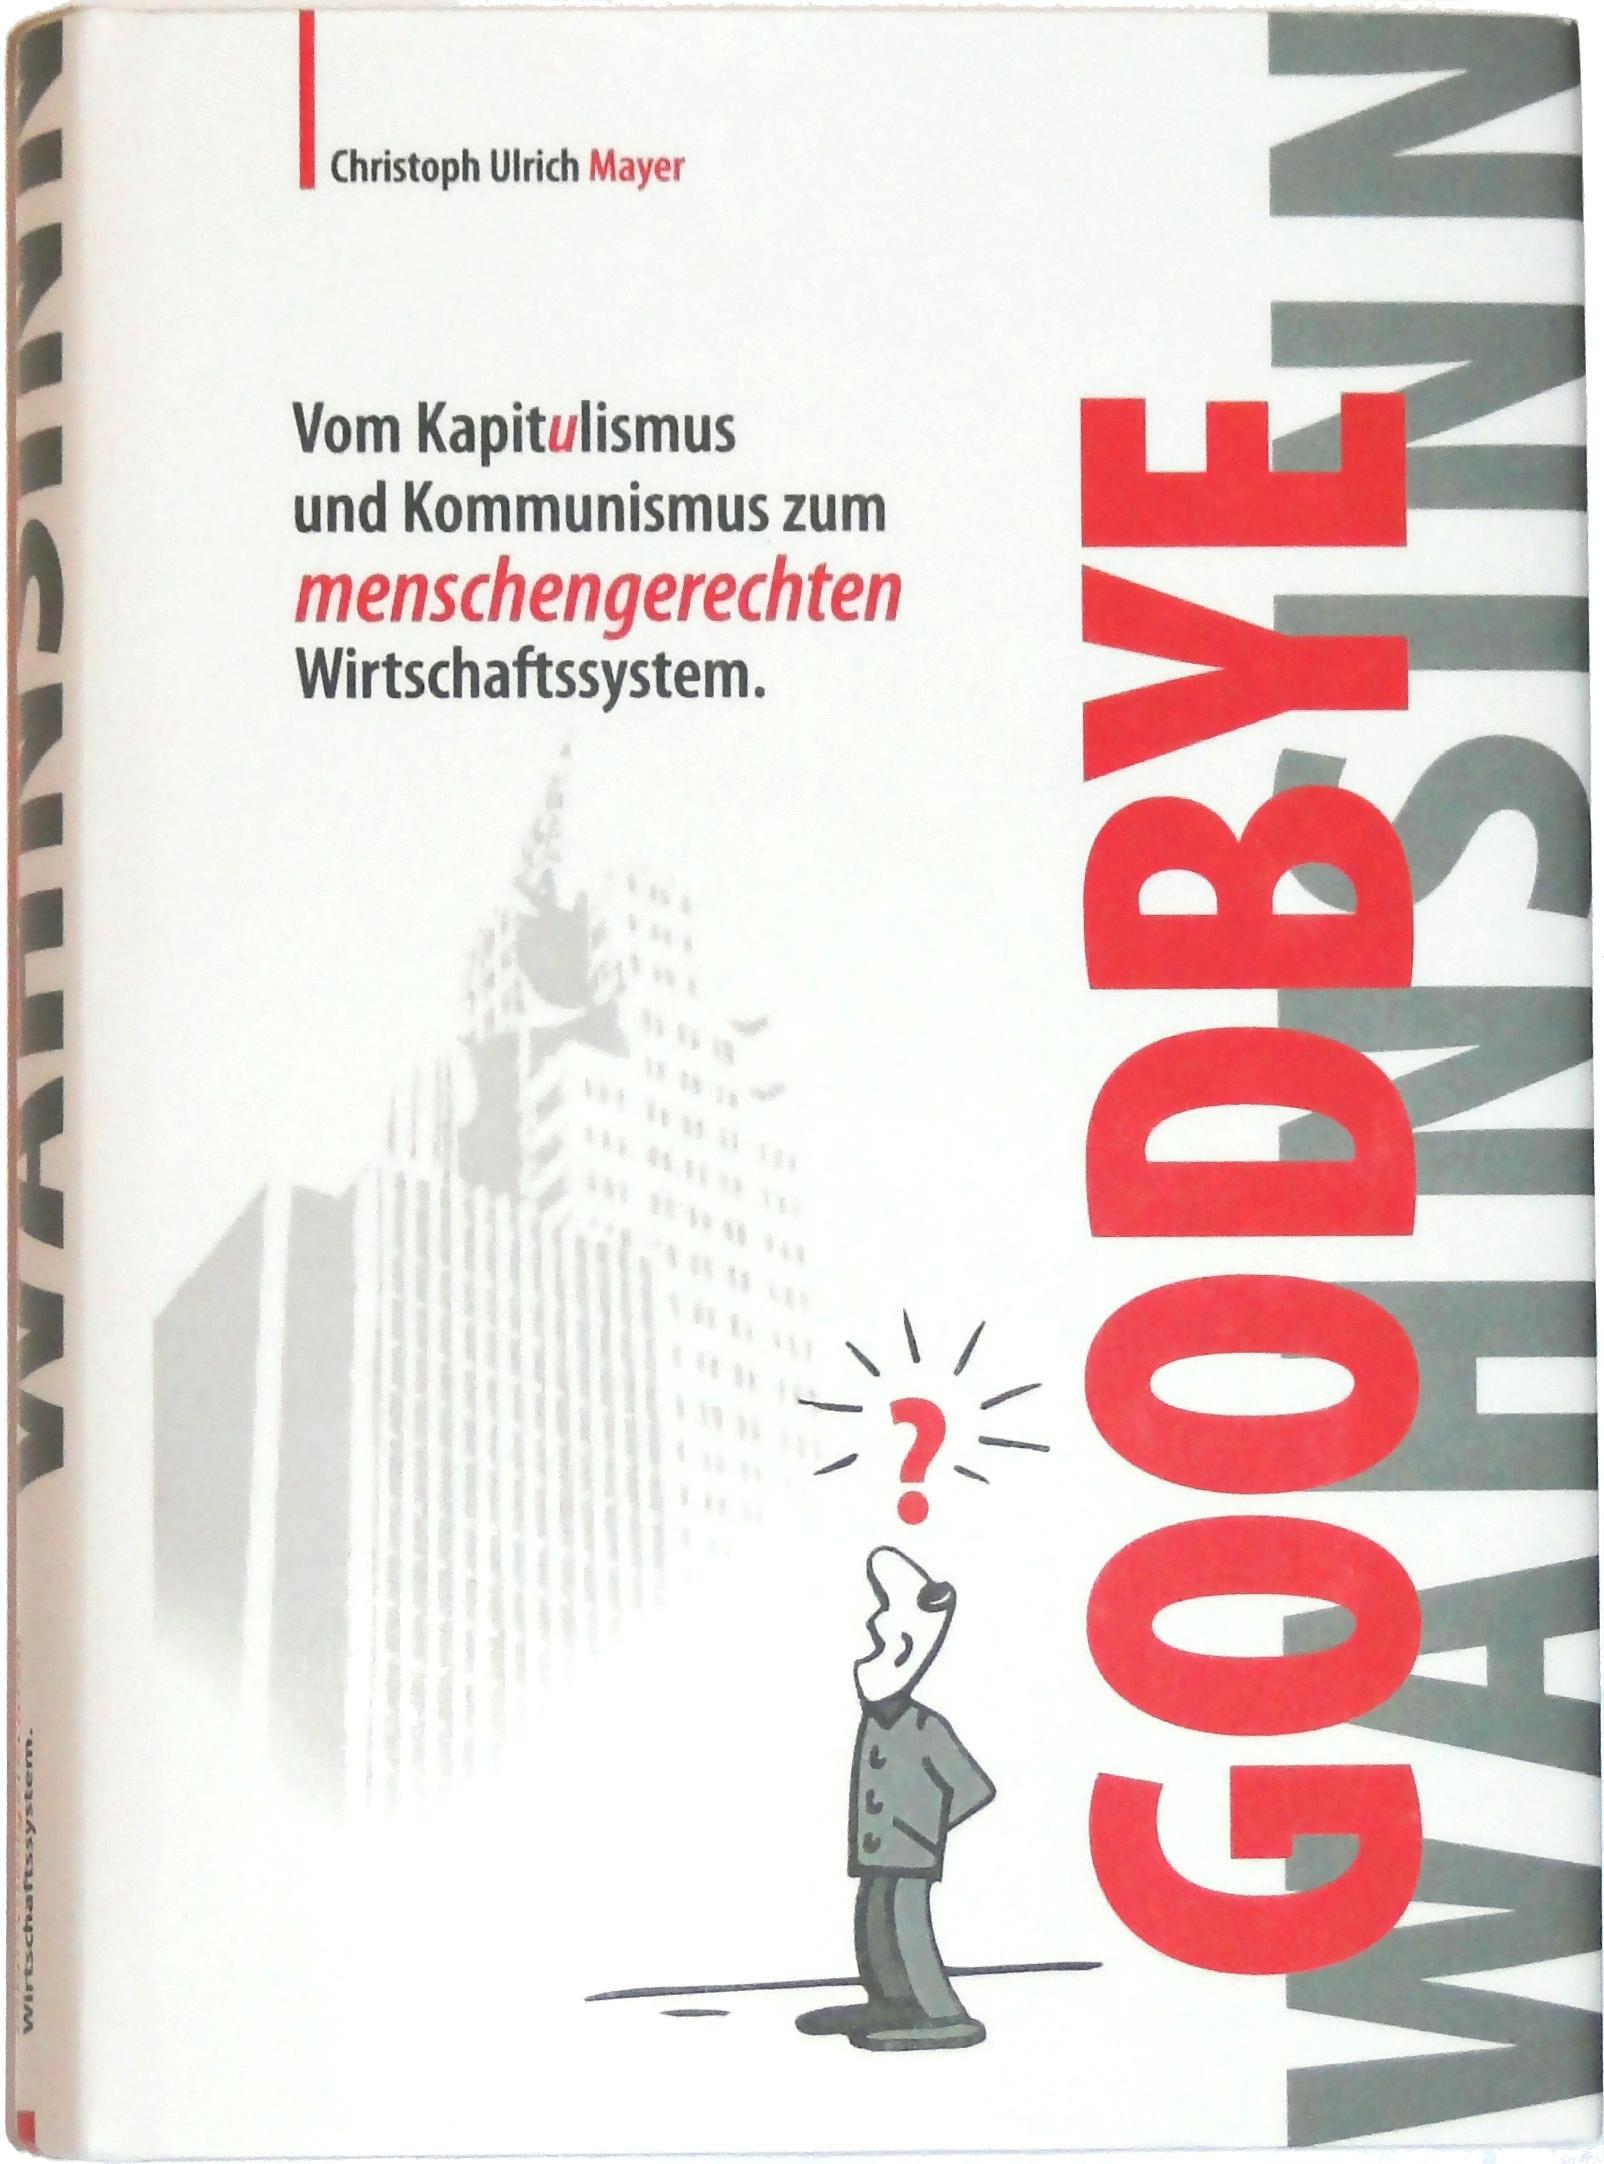 Goodbye Wahnsinn Das Buch - vom Kapitalismus und Kommunismus zum menschengerechten Wirtschaftssystem